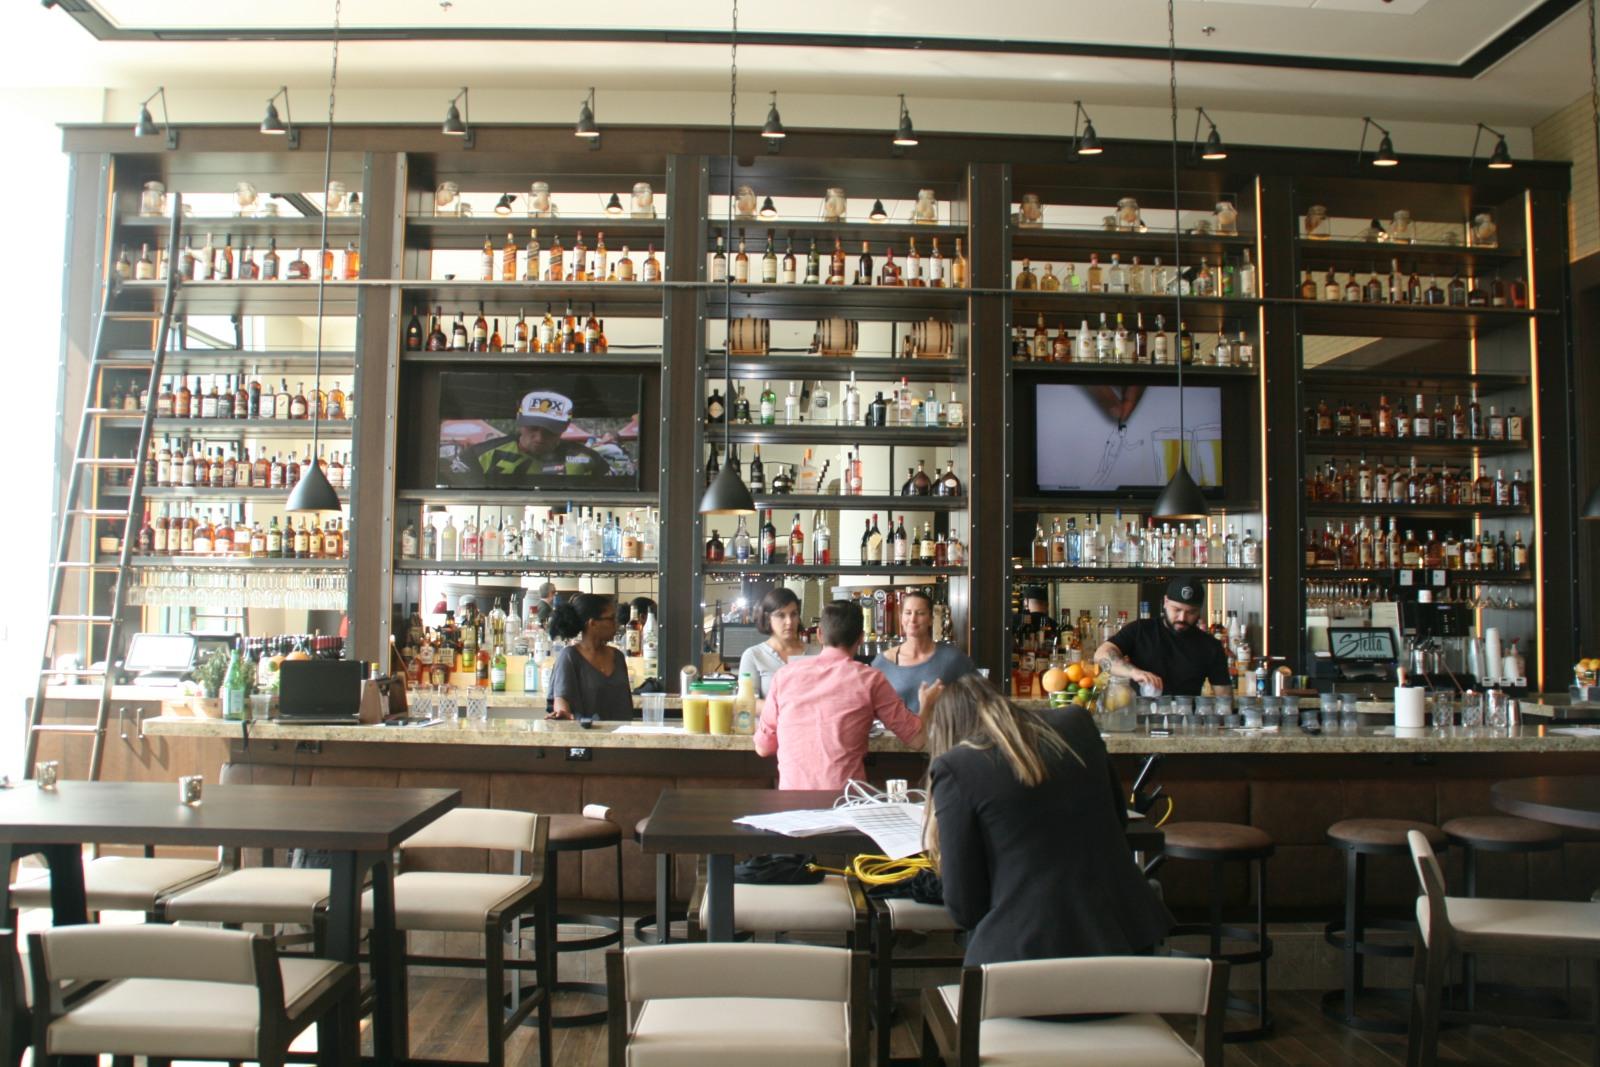 Stella on Van Buren Bar